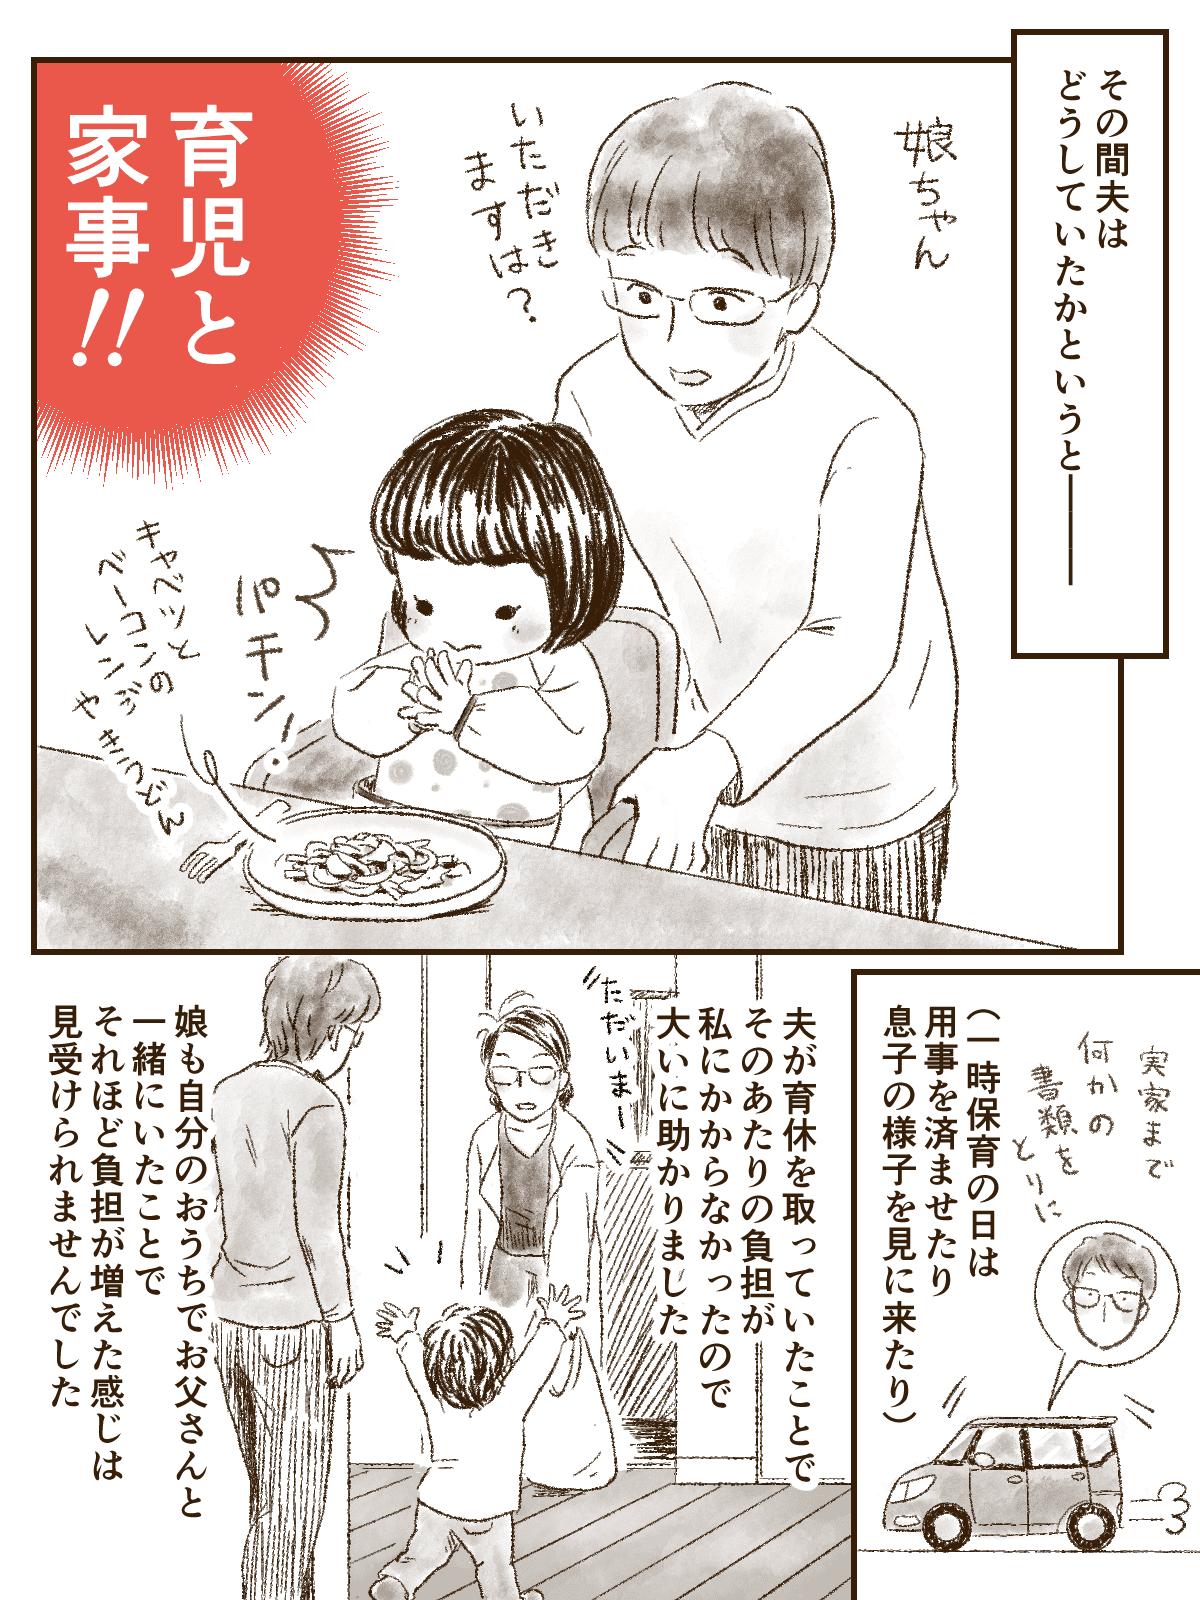 (3)閧イ莨狙002